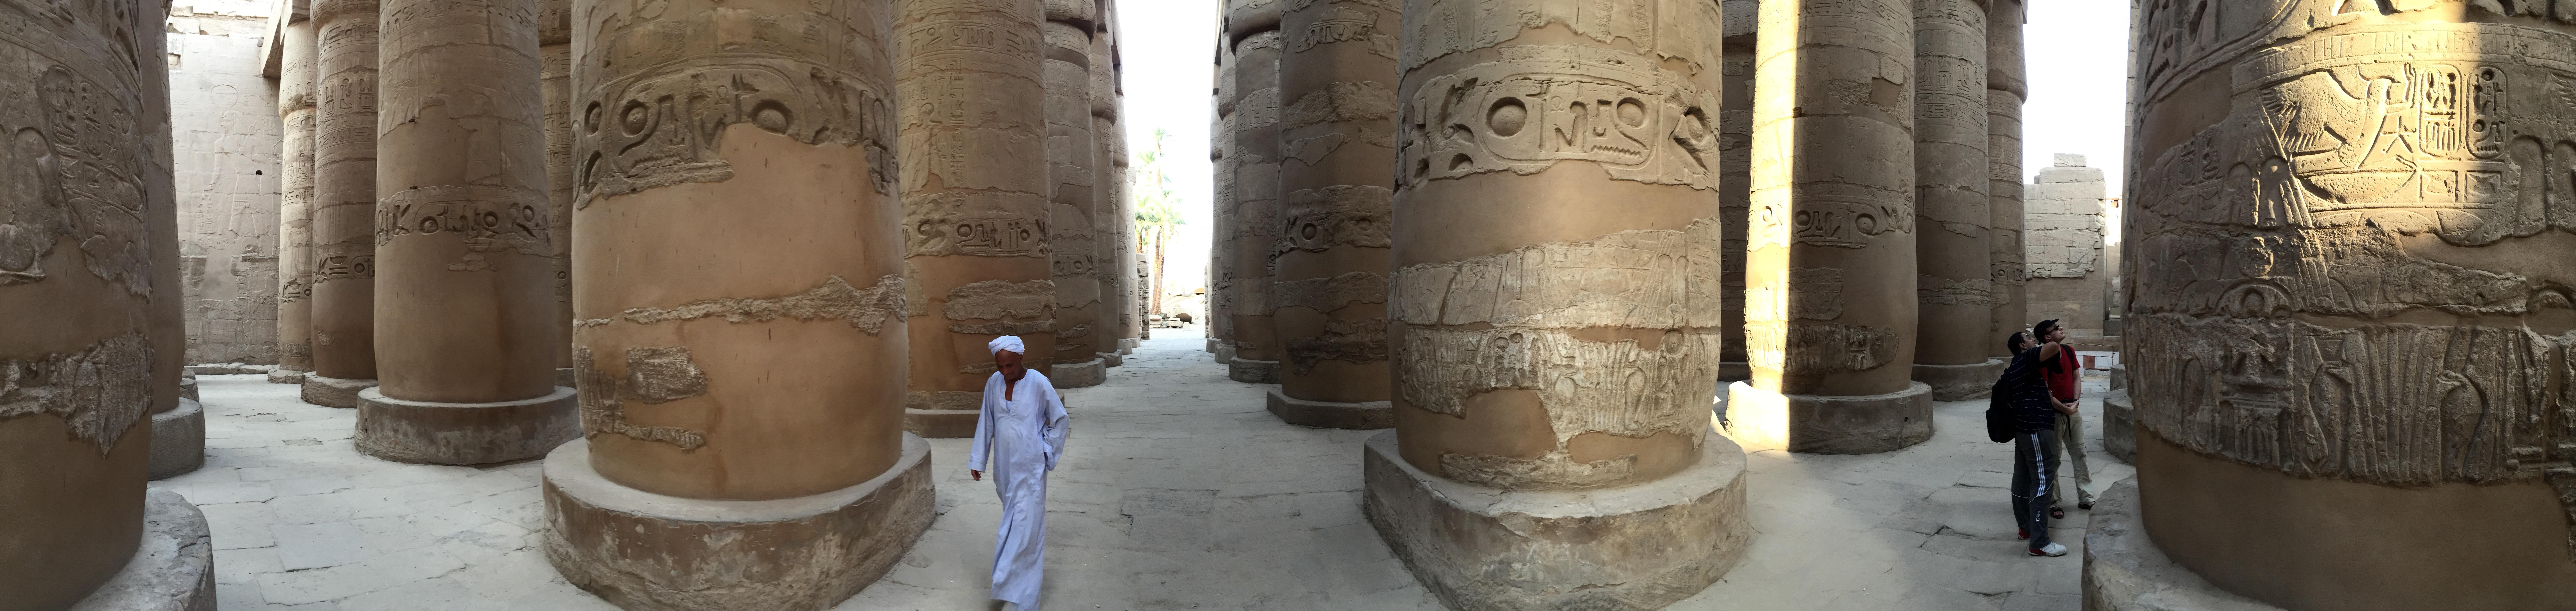 Karnak-Tempel Pano Säulenhalle 1